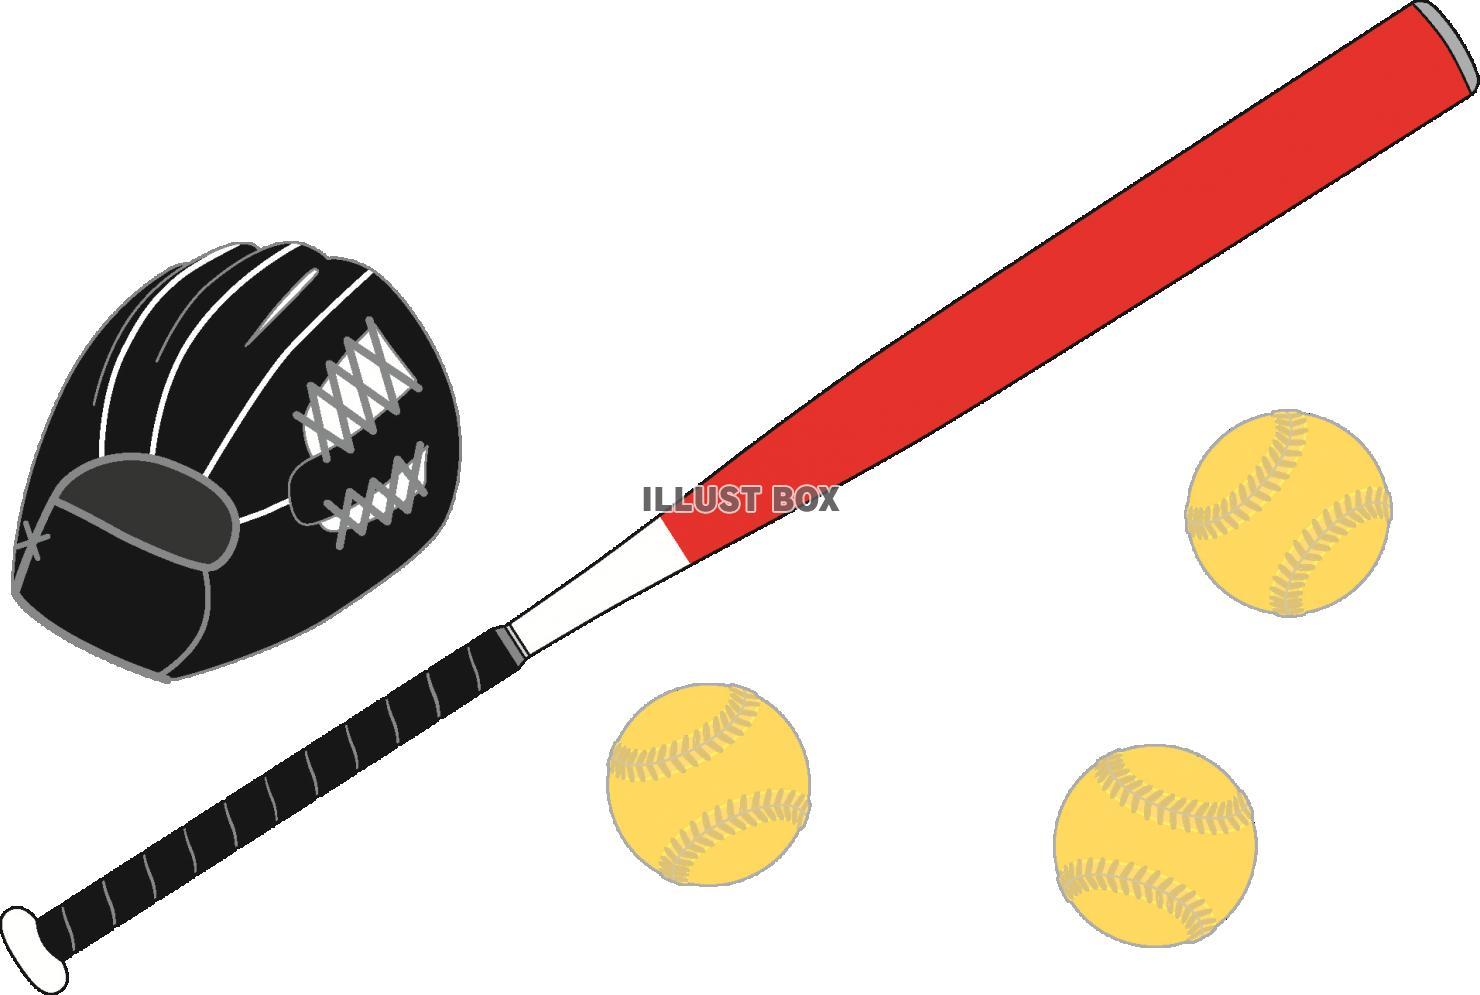 無料イラスト ソフトボールのイラスト 透過png